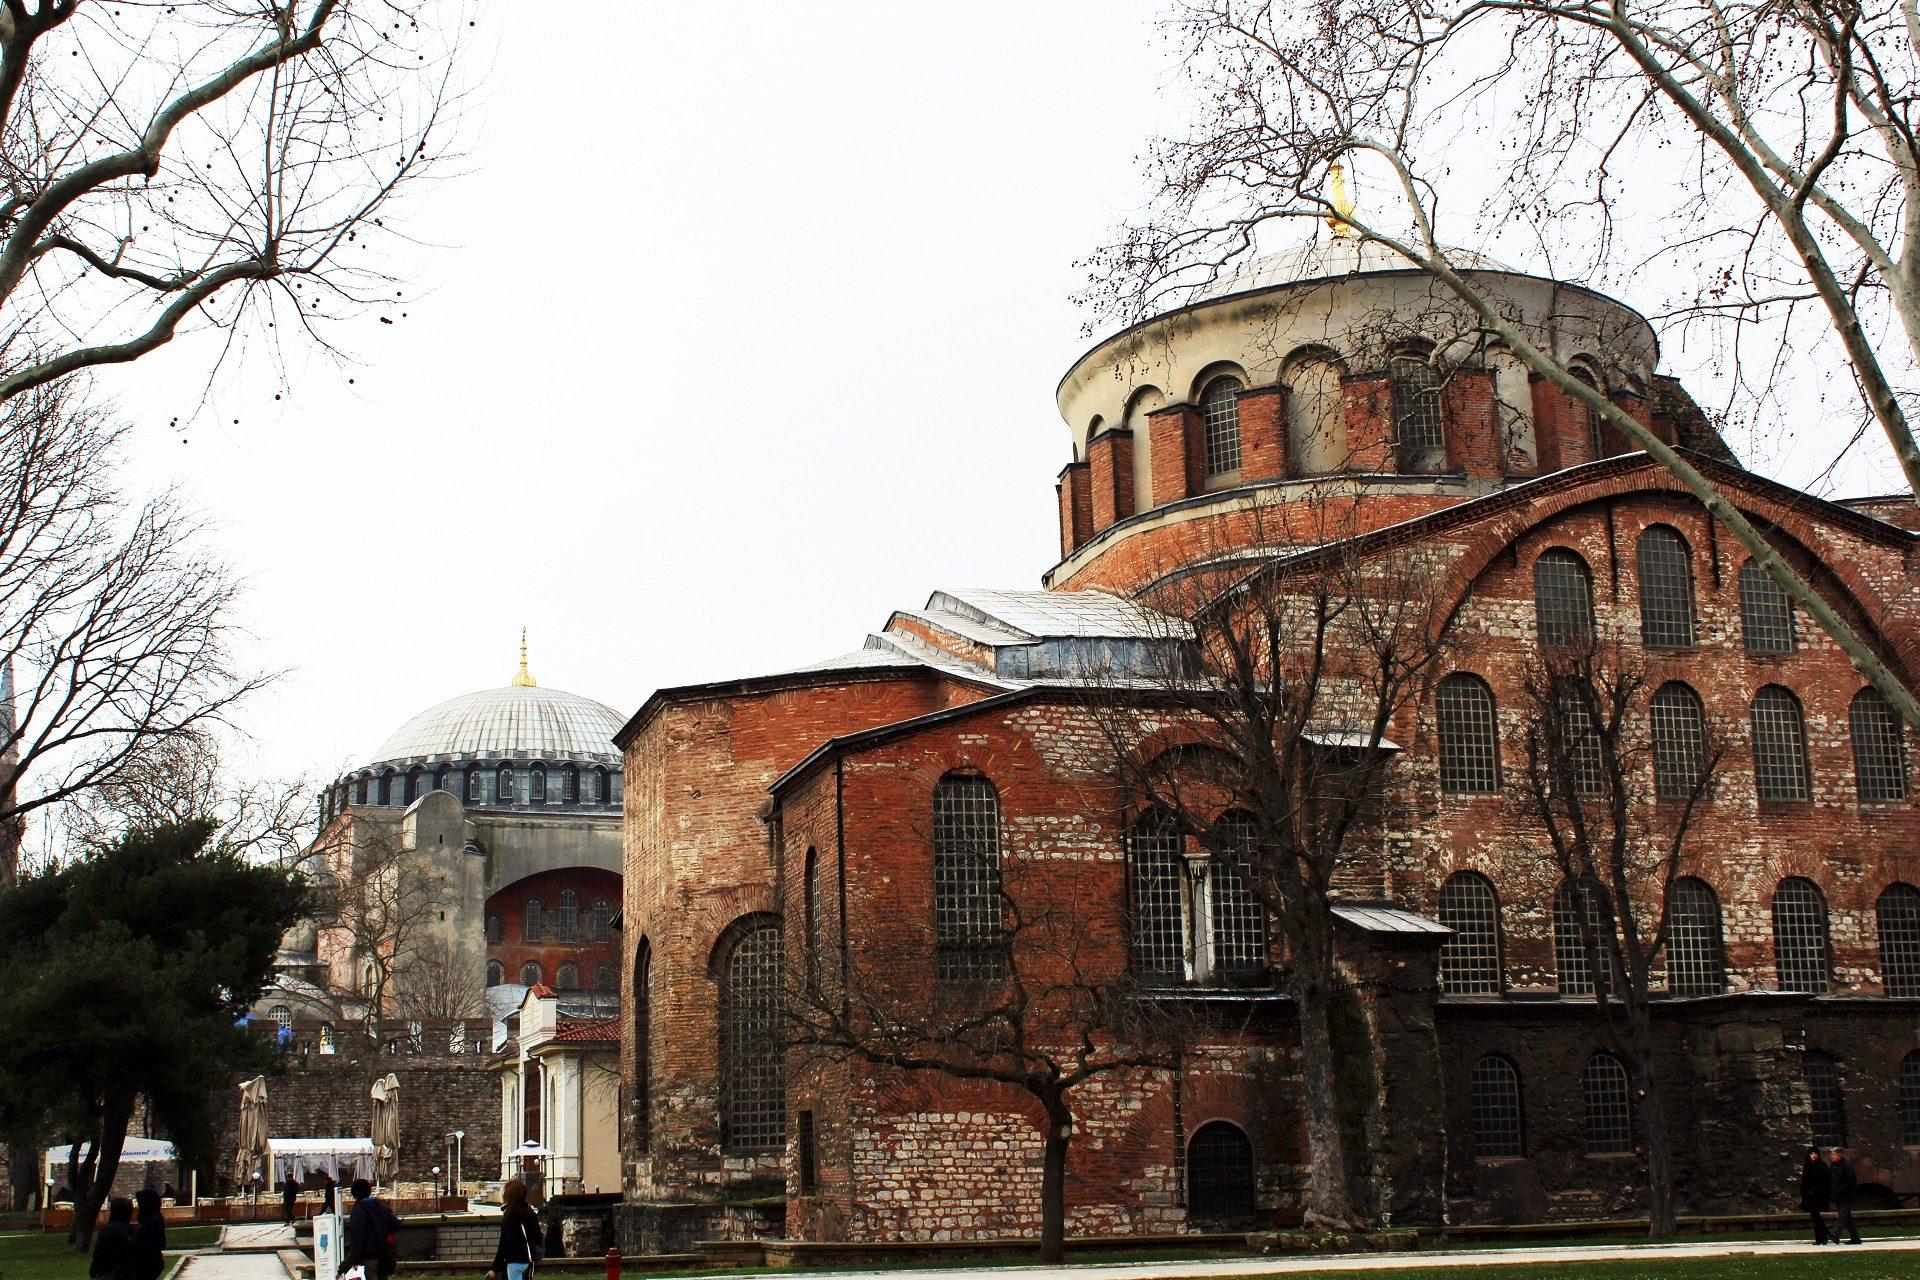 Mecma ı Âsâr ı Atika Eski Eserler Koleksiyonu Türkiyedeki Ilk Müze Oluşumudur. İstanbul Arkeoloji Müzeleri Temeli Oluşturur. Koleksiyon Başlangıçta Aya İrinide Toplatıldı